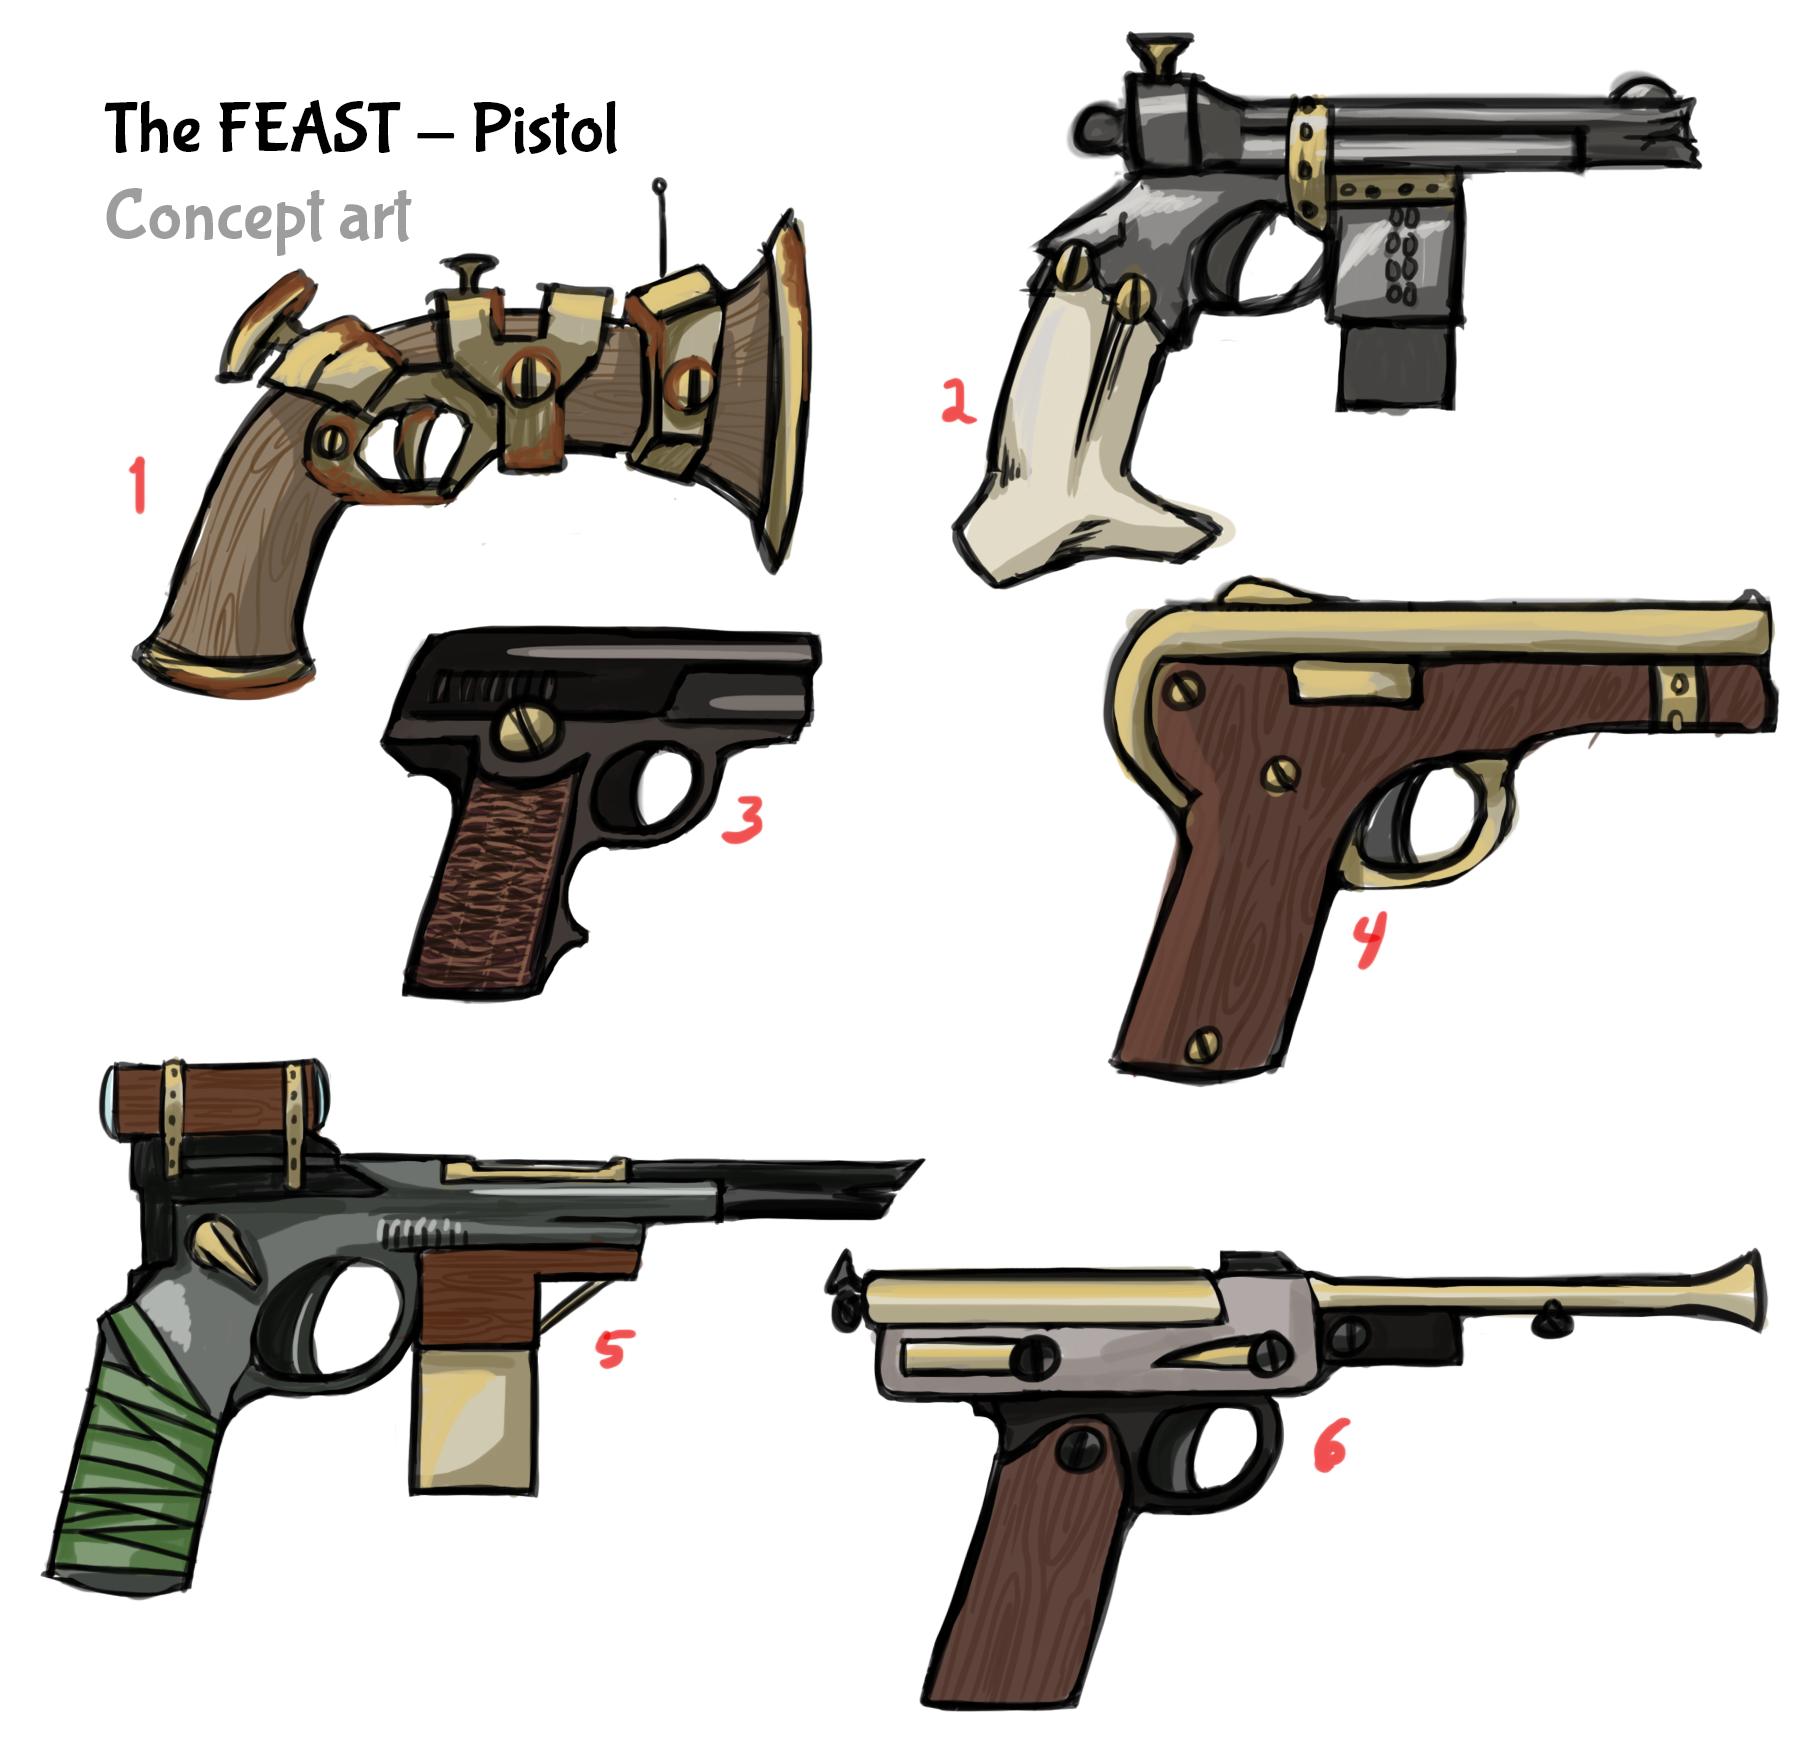 FEAST pistol2